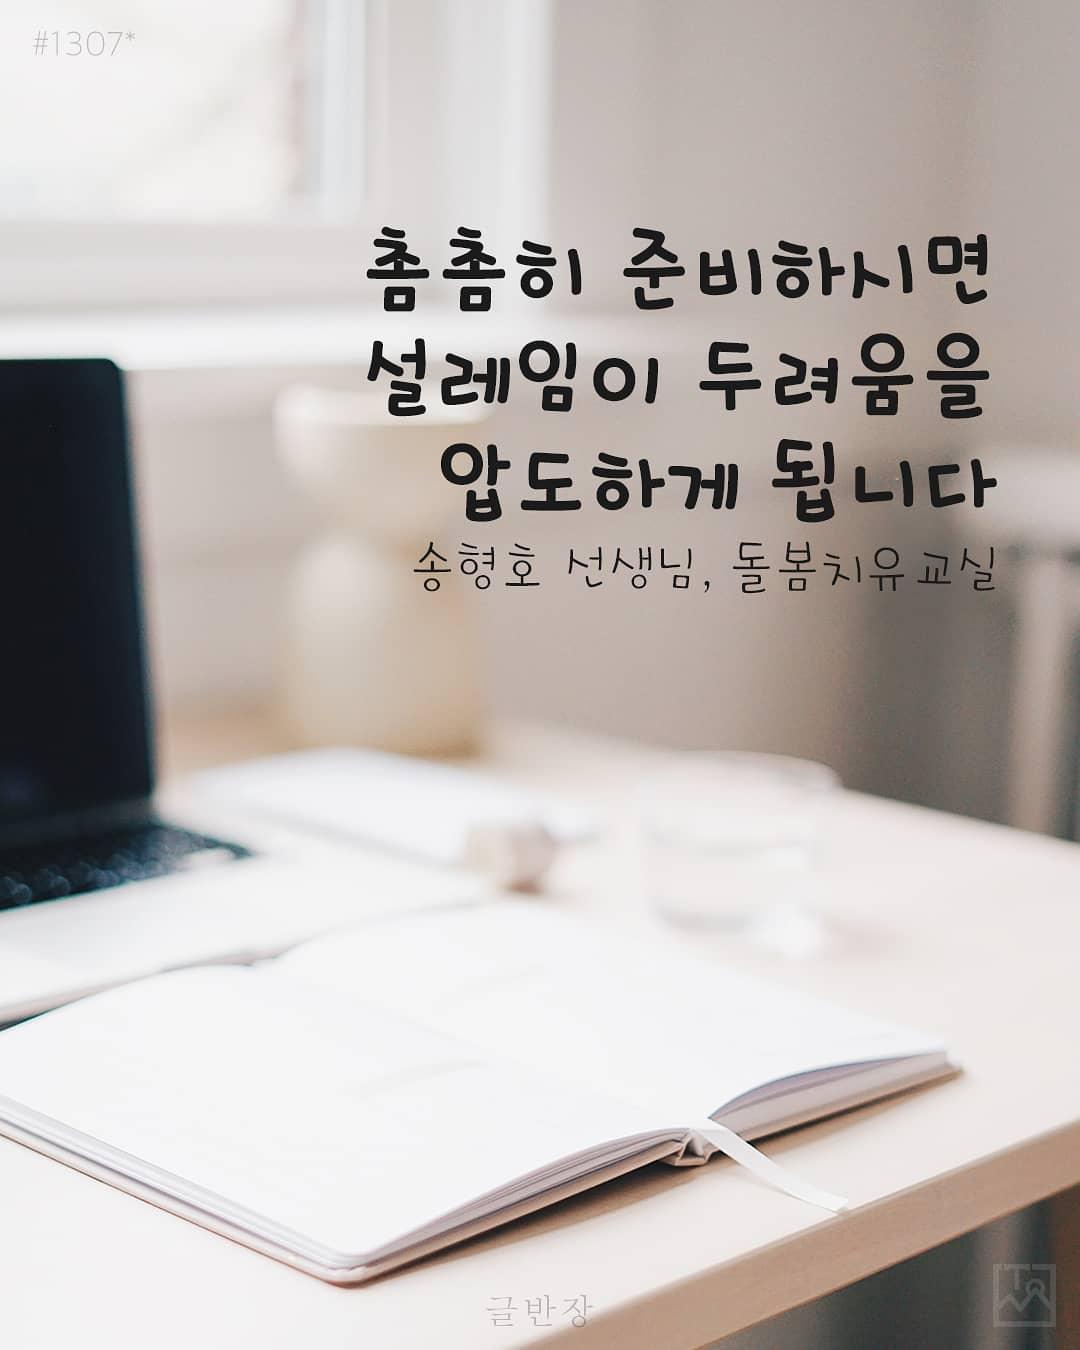 설레임이 두려움을 압도하게 됩니다 - 송형호 선생님, 돌봄치유교실